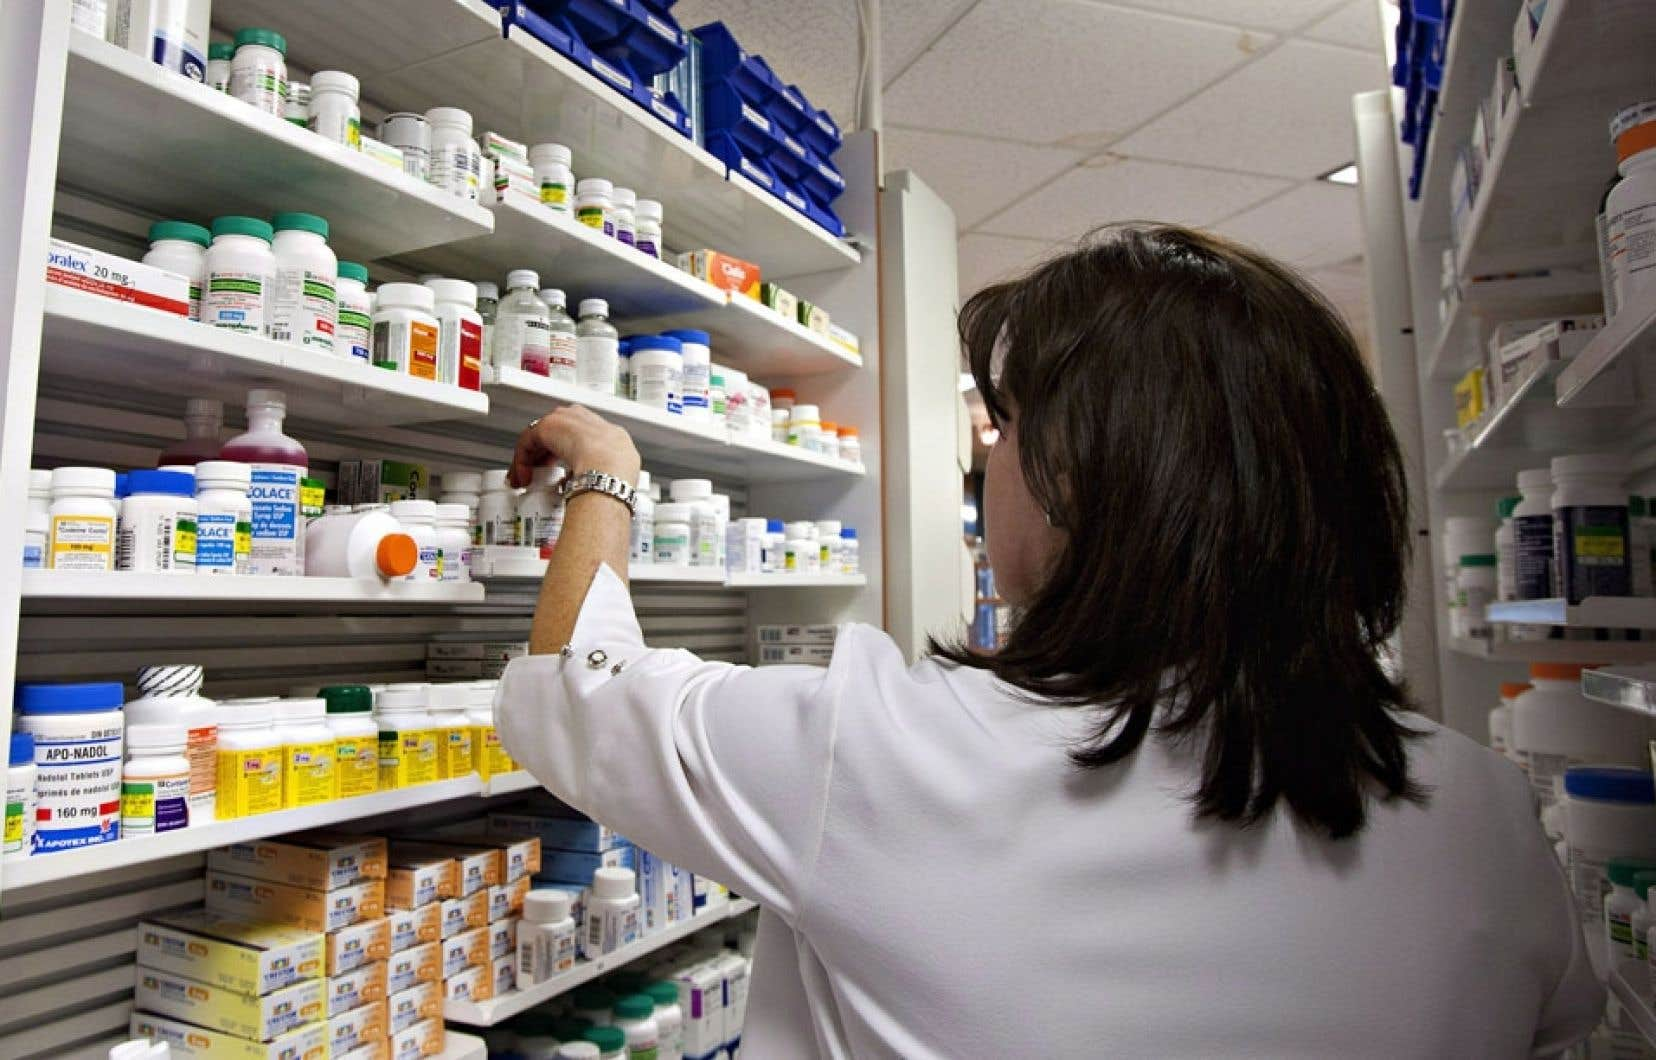 L'Ordre des pharmaciens doit se prononcer sur une pratique commerciale nouvelle qui vise à inciter les patients à ne pas passer aux versions génériques et moins coûteuses de leurs ordonnances, grâce à un rabais consenti sur les médicaments de marque.